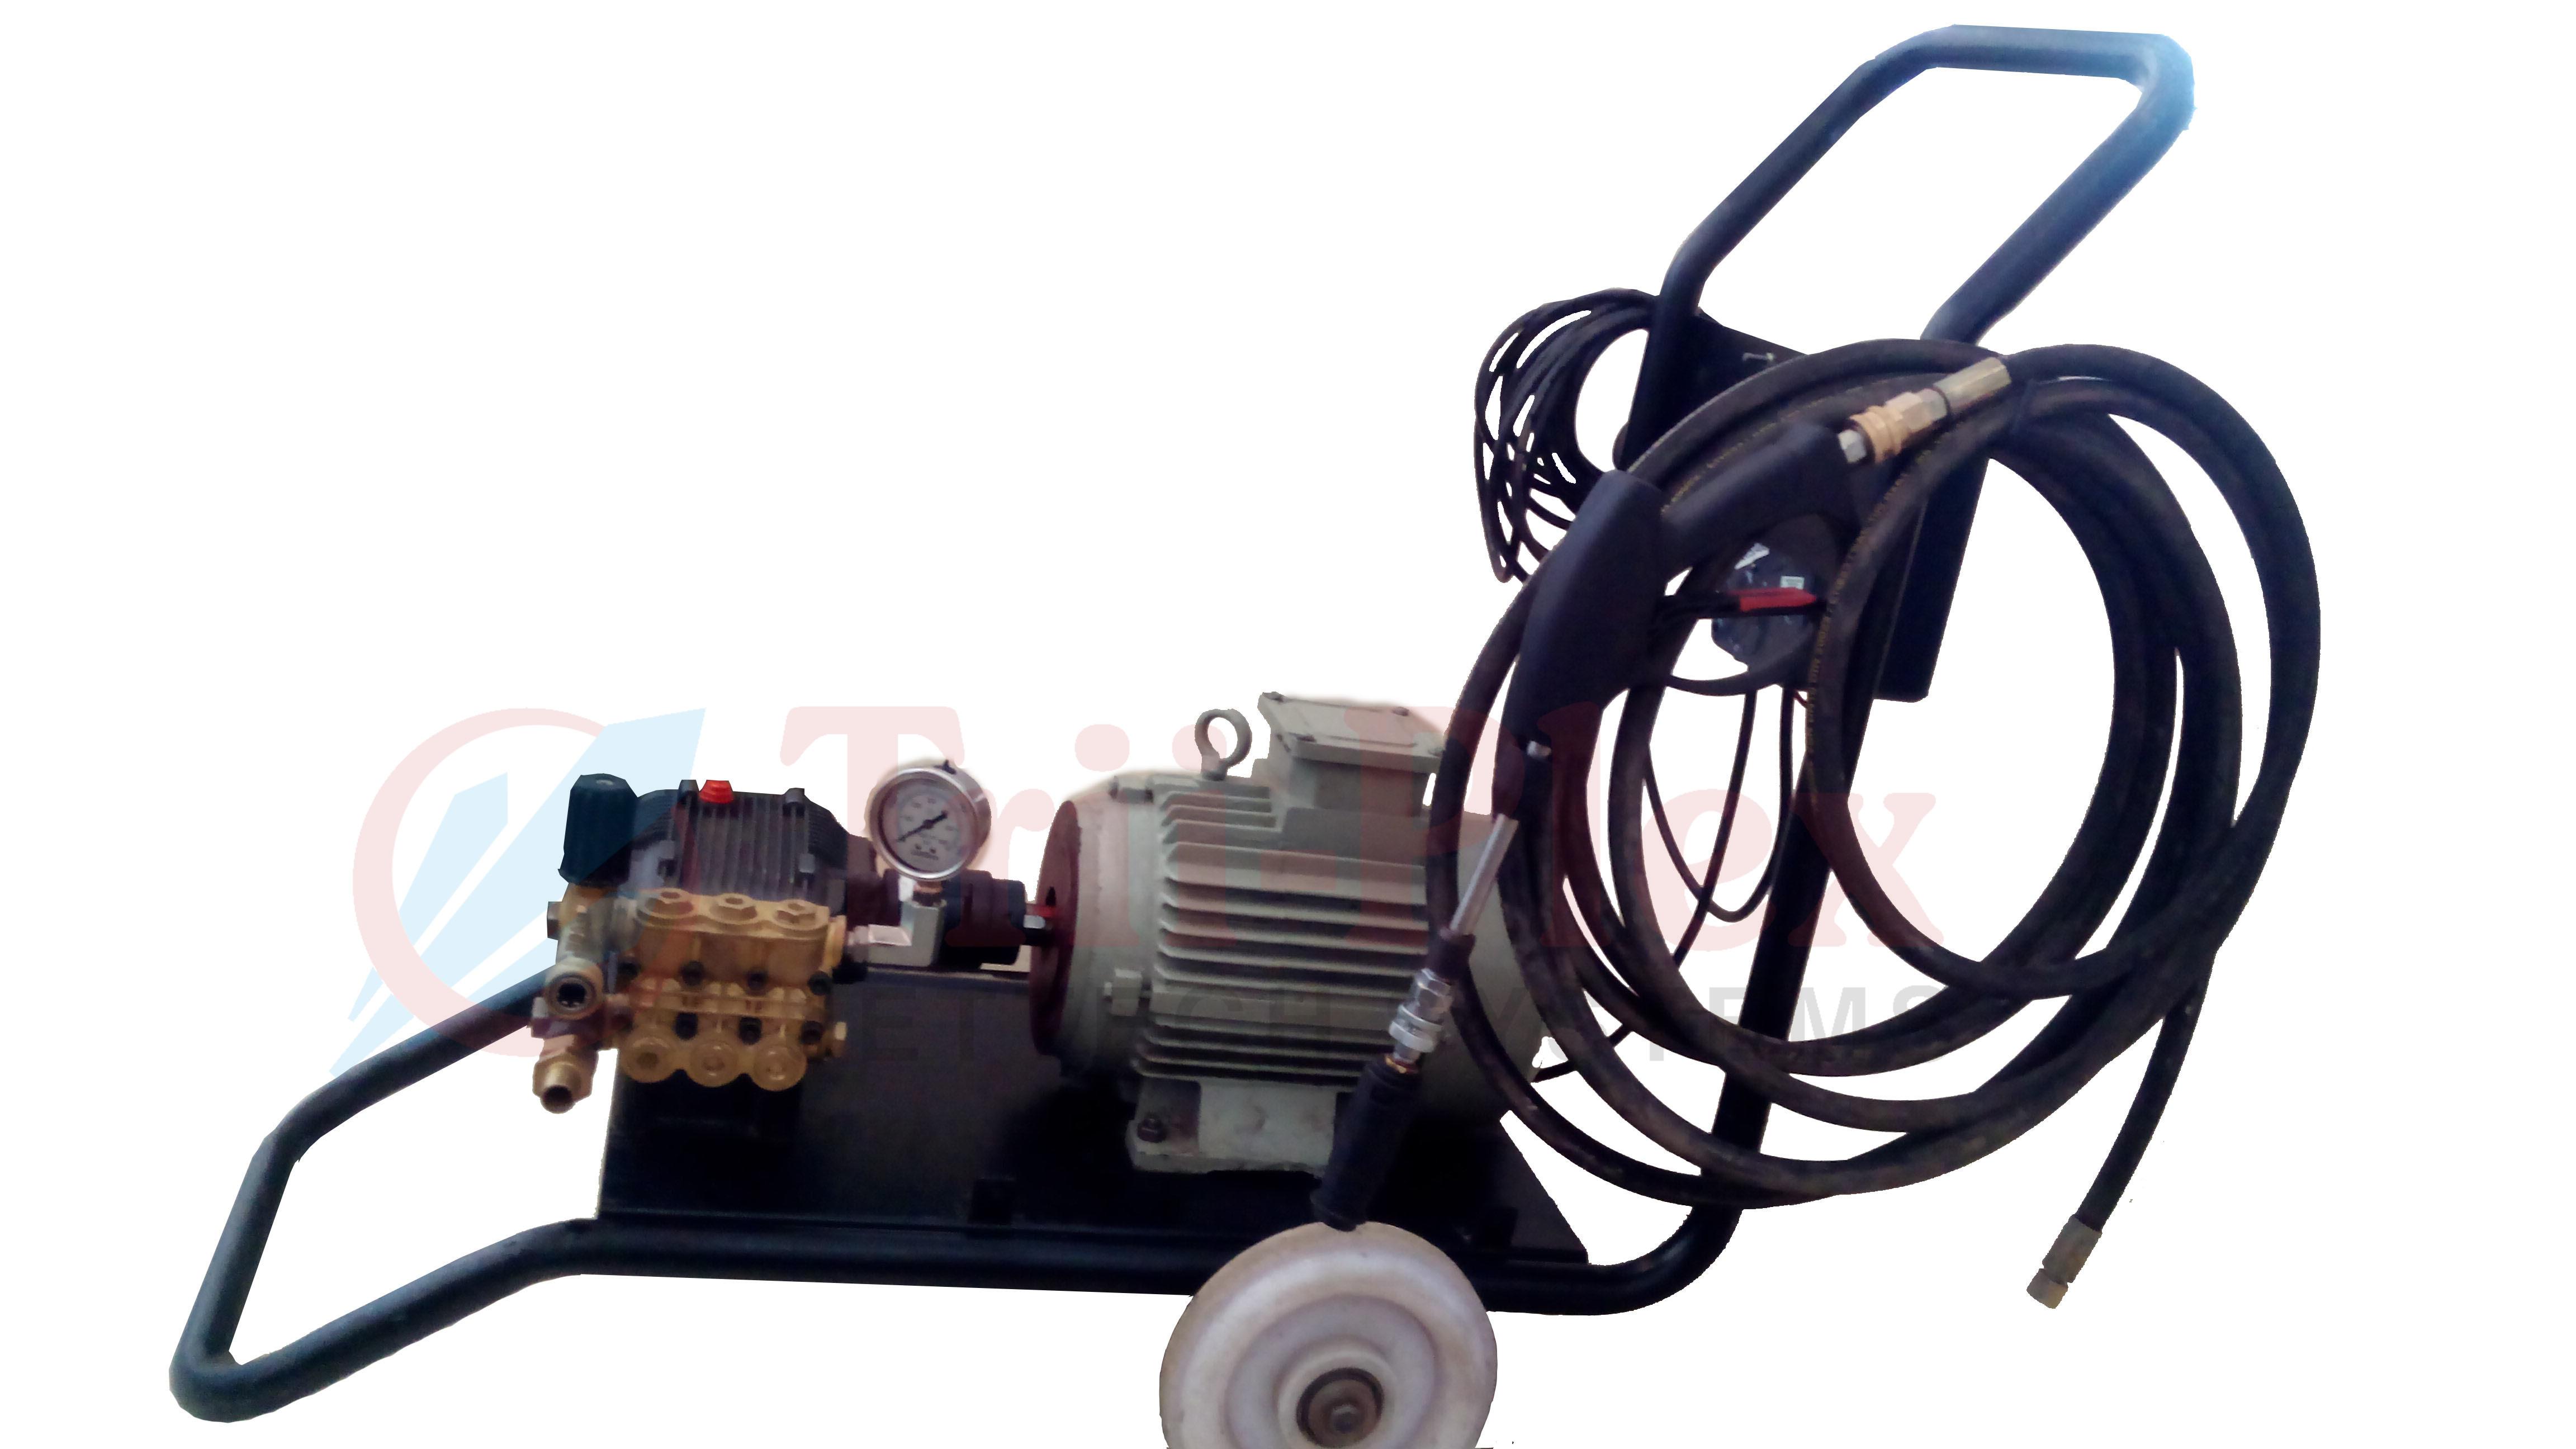 200 BAR Hydrostatic Pressure Test Pump